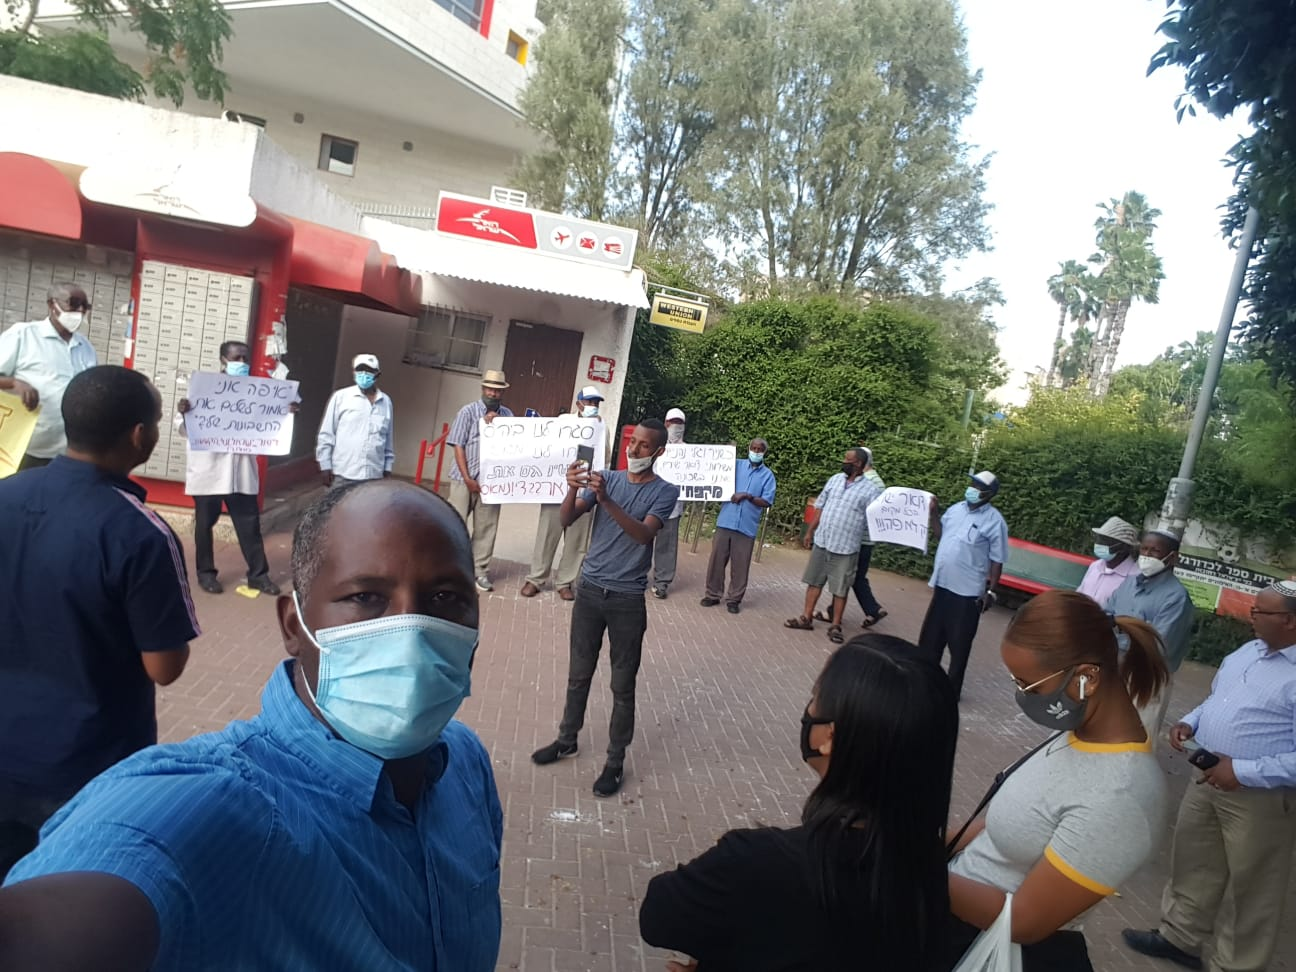 מחאת התושבים. צילום: יוני מנגיסטו